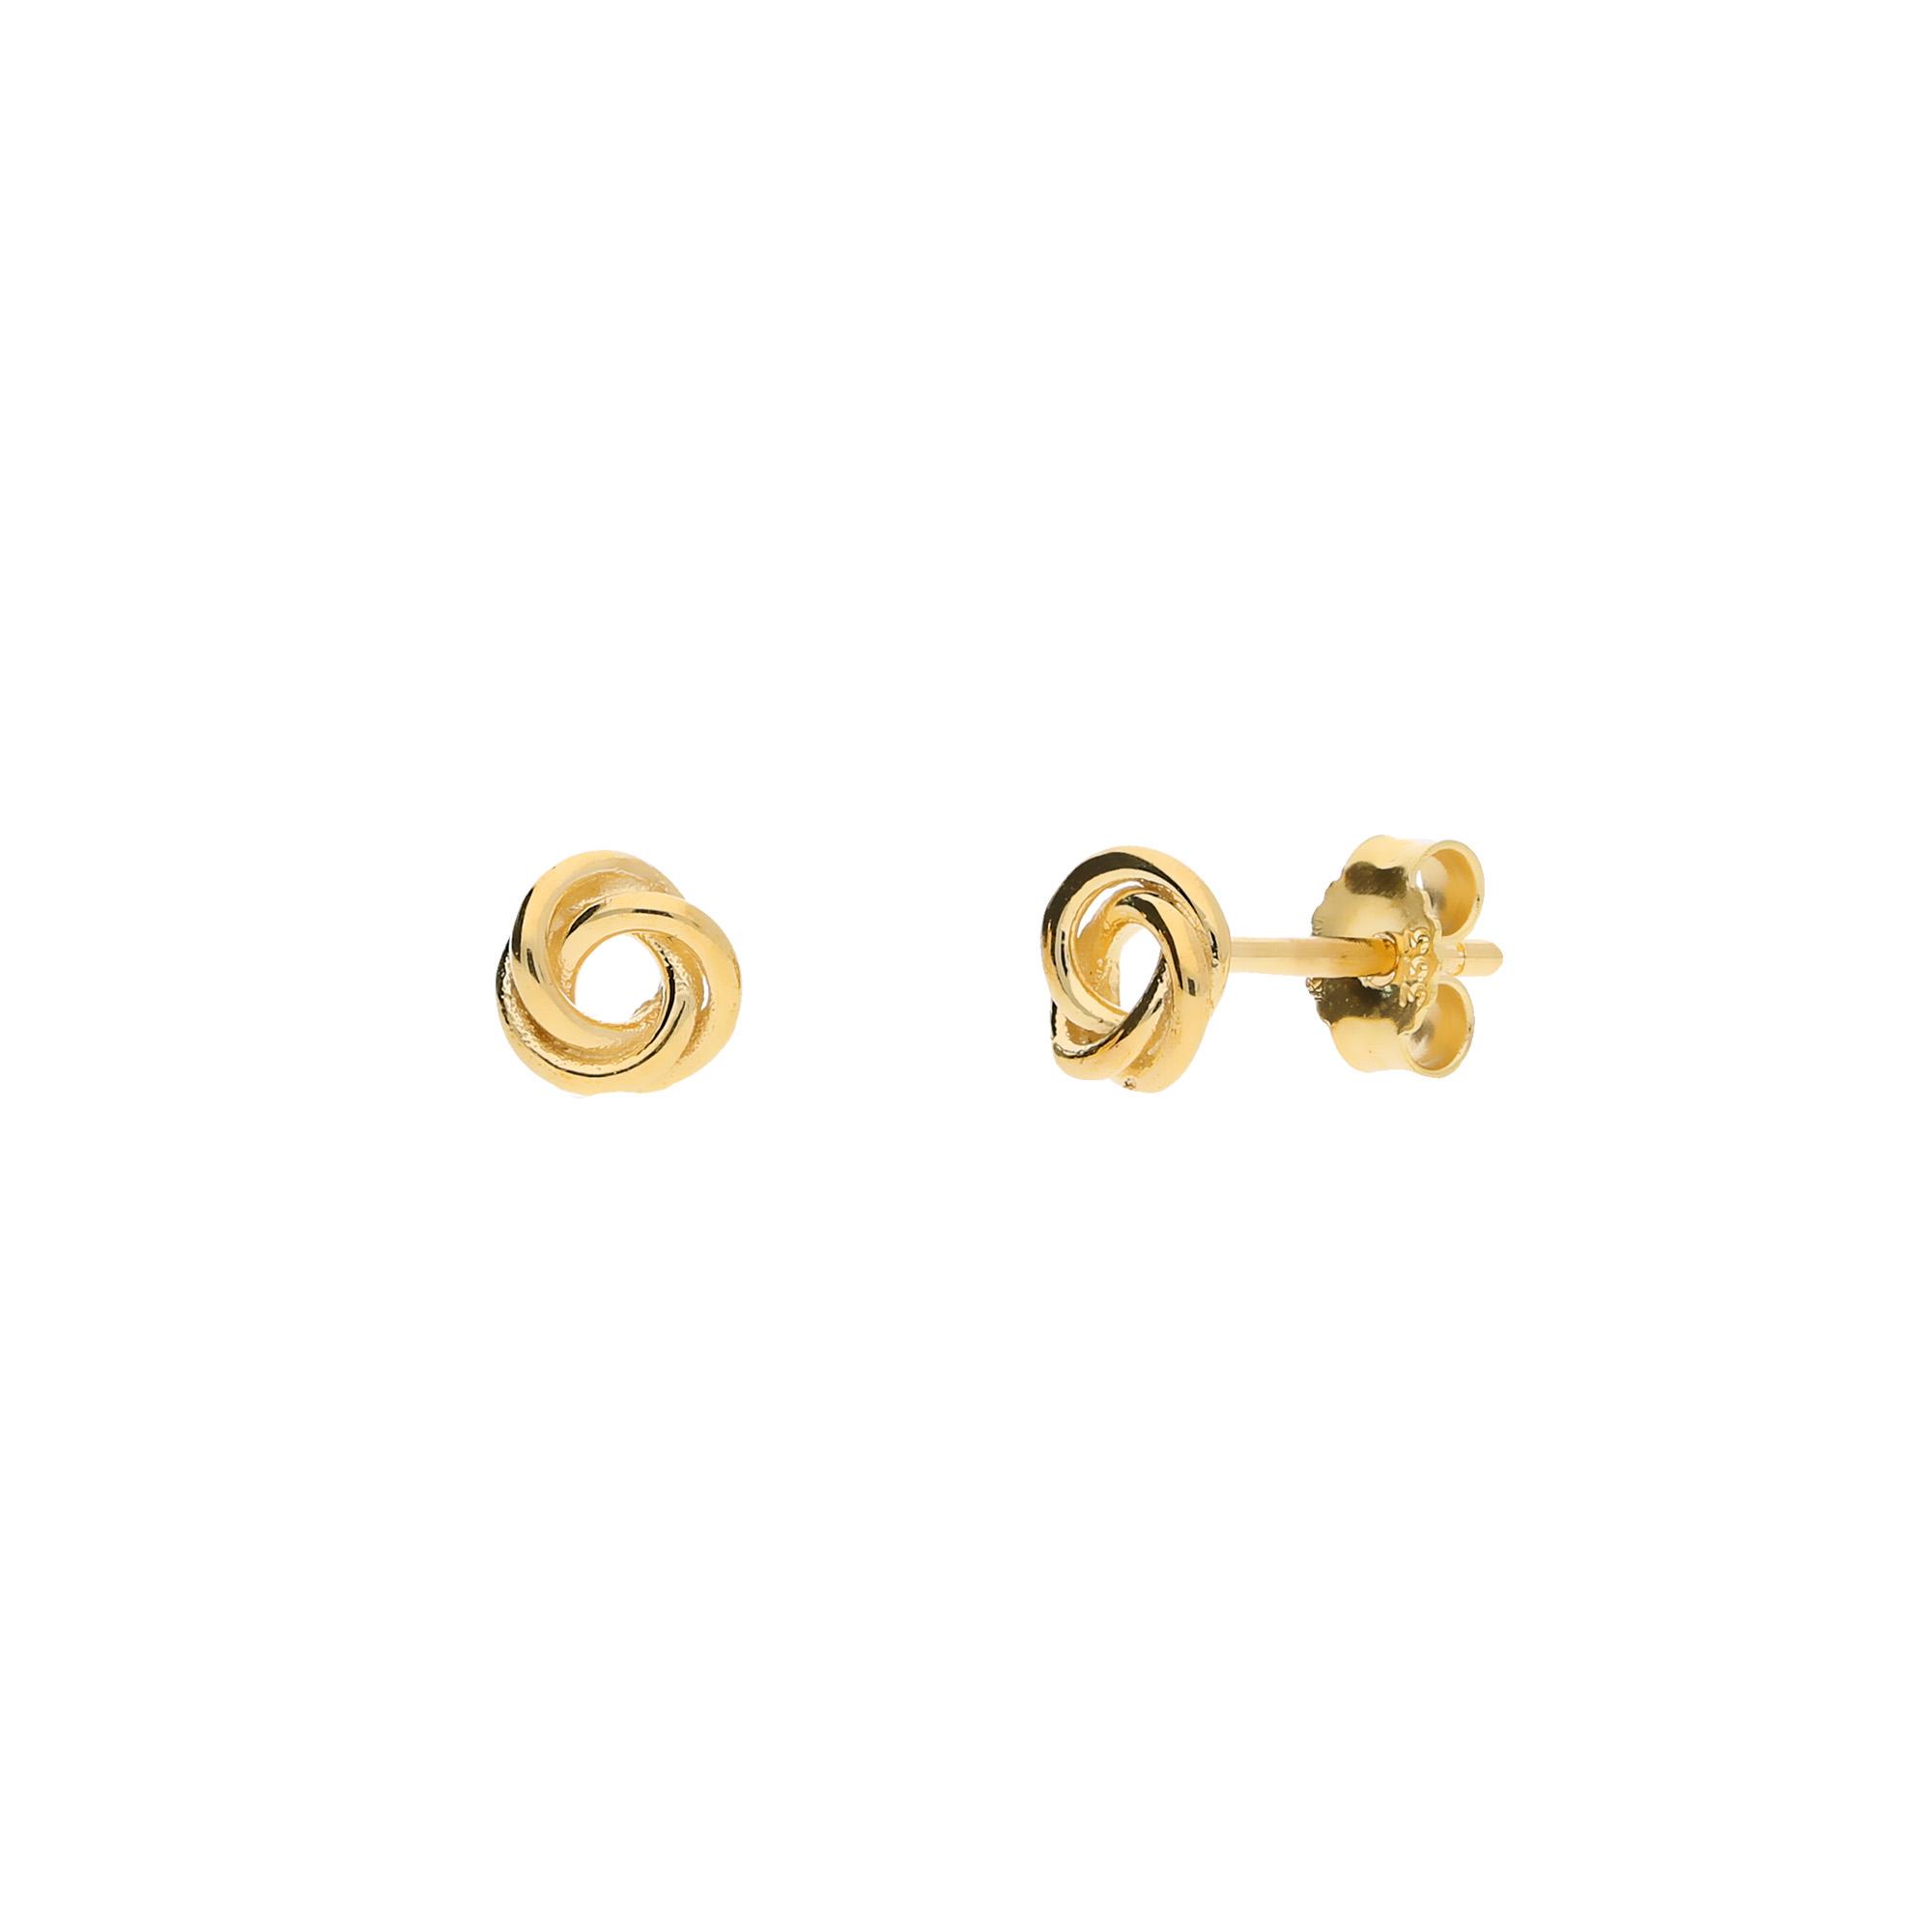 juwelier kraemer ohrringe 333 gold juwelier kraemer. Black Bedroom Furniture Sets. Home Design Ideas